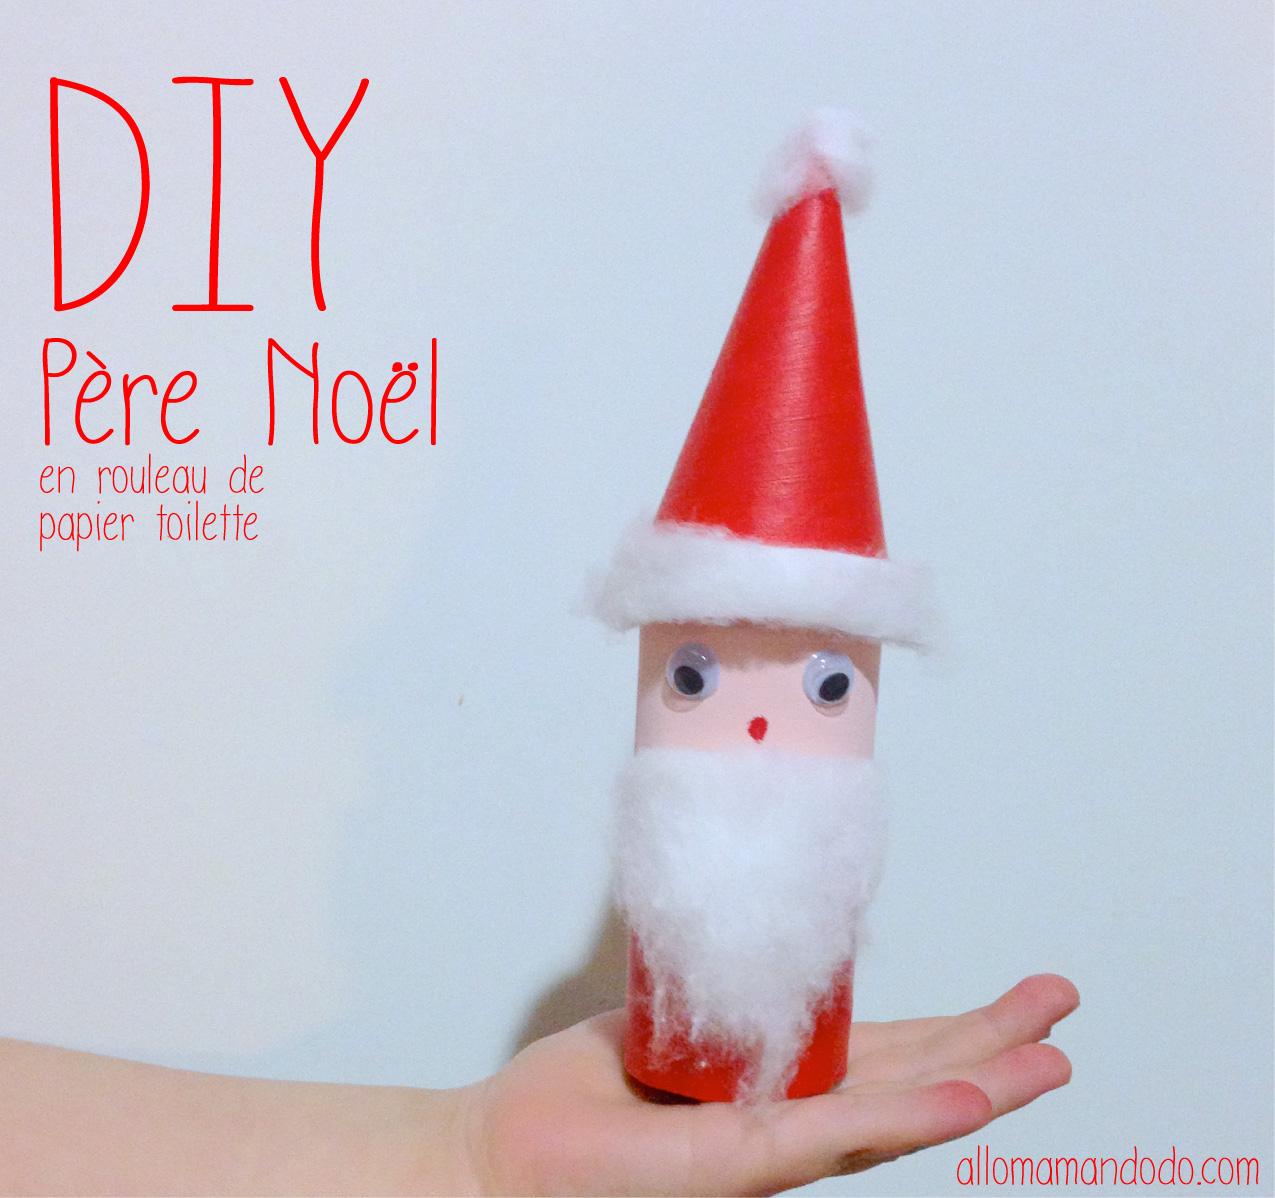 Diy Père Noël, Super Activité Pour Les Enfants! (Rouleau De concernant Fabrication De Pere Noel